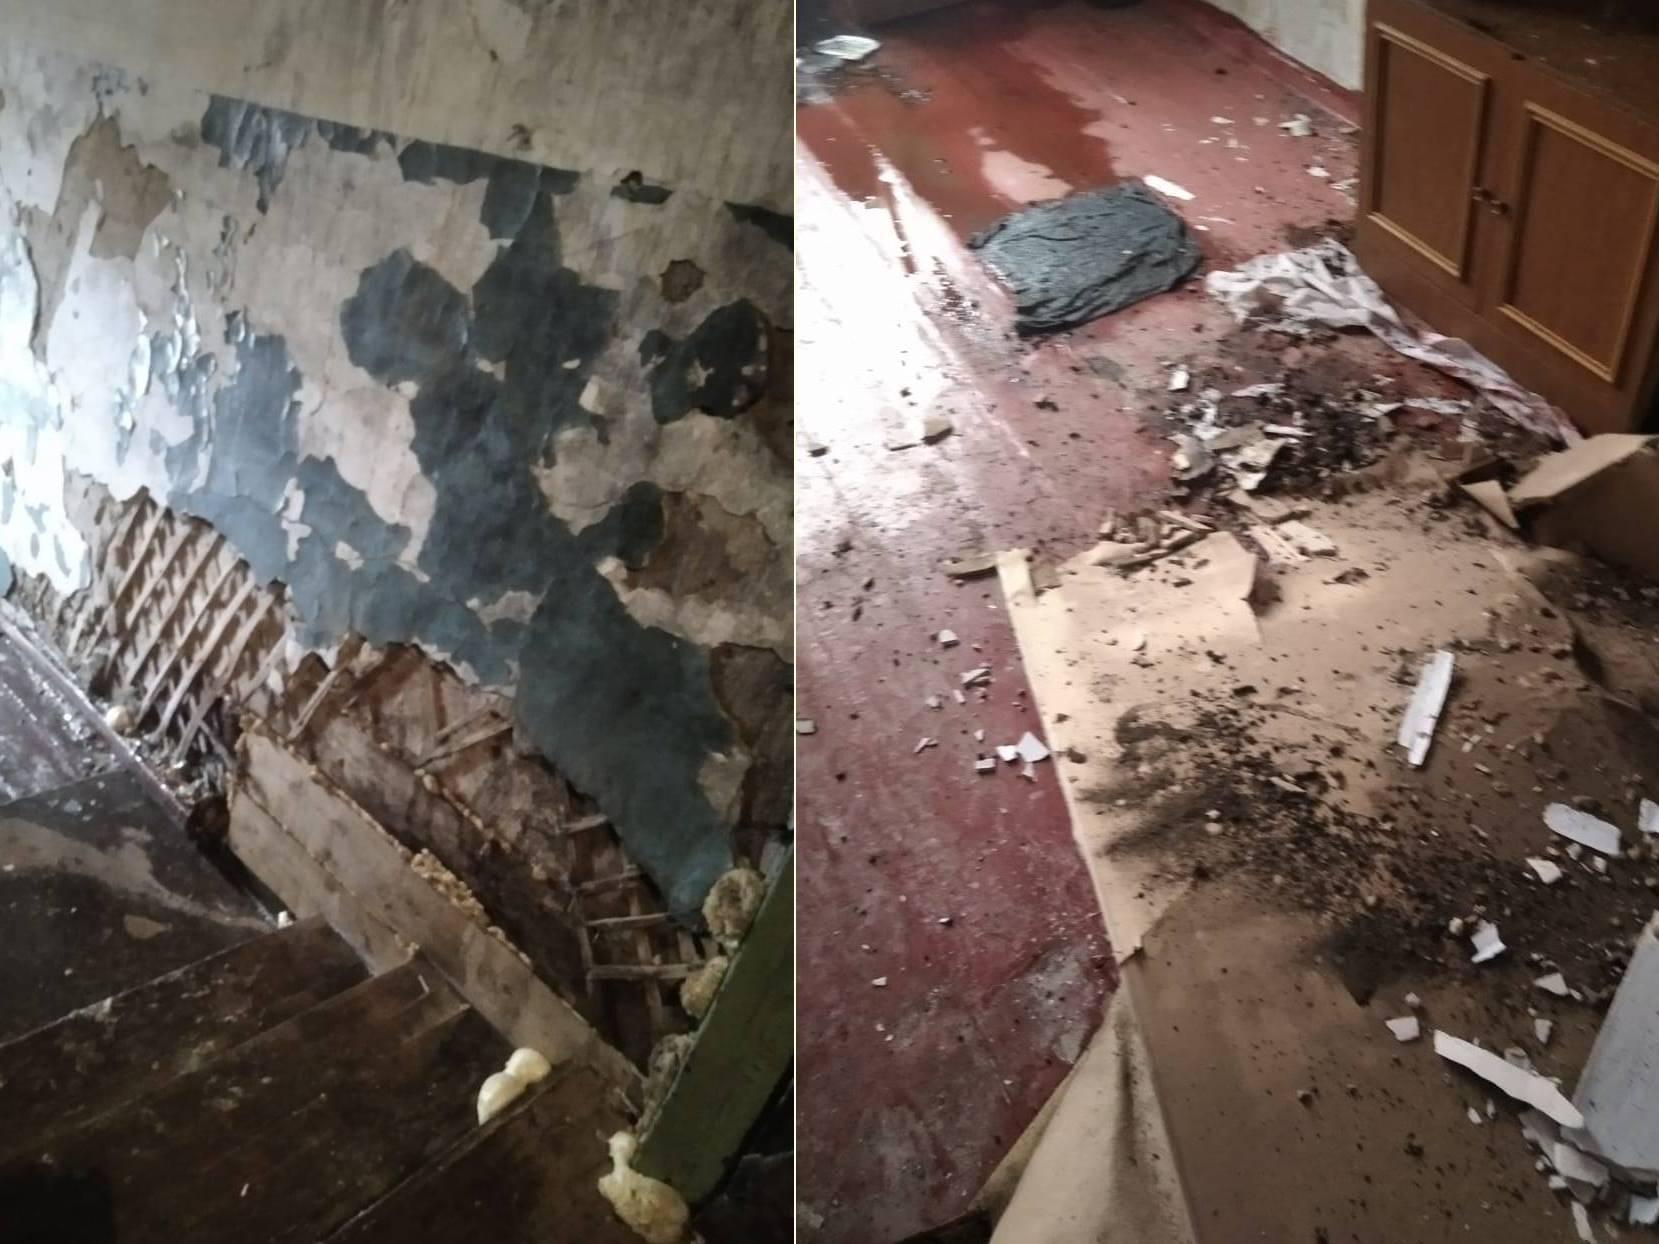 Фото «Адские трущобы 21 века»: десять жутких фото из затопленного кипятком аварийного дома в Новосибирске 9